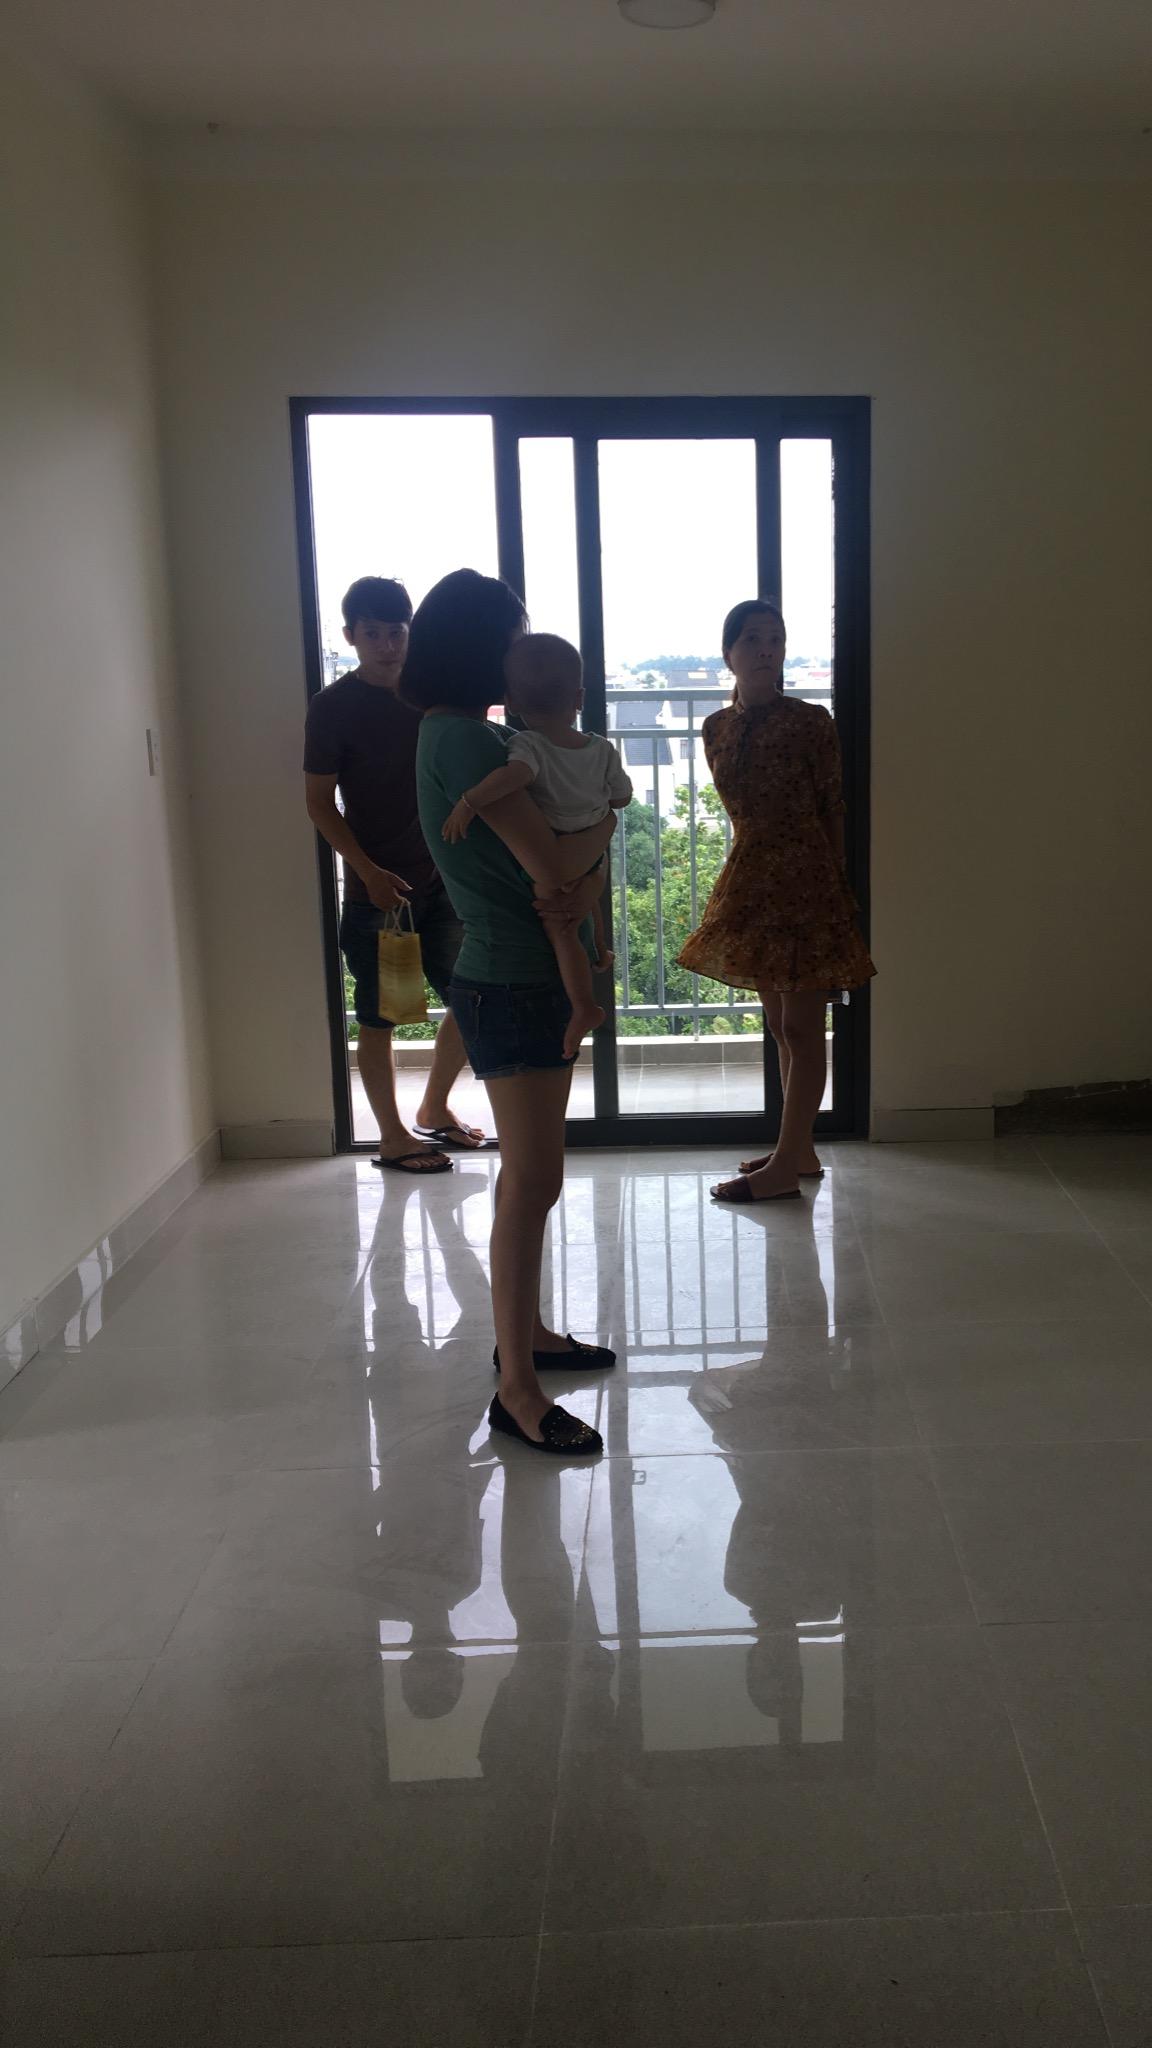 thiết kế nội thất chung cư tại Hồ Chí Minh Căn hộ anh Sáng 5 1562434321